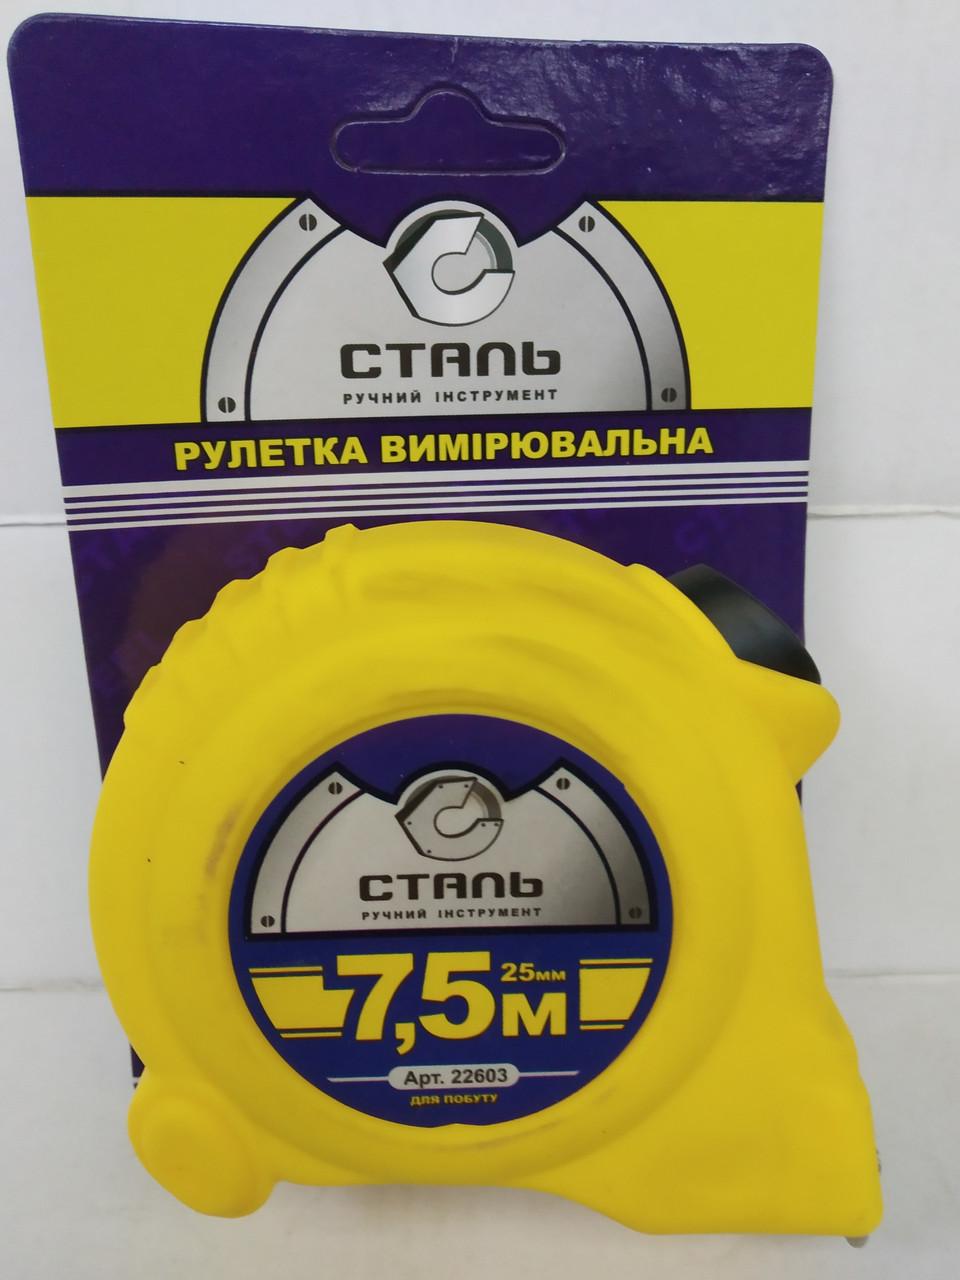 Рулетка пластиковая 7.5м. х 25мм. с автостопом и магнитным зацепом Сталь (арт. 22603)